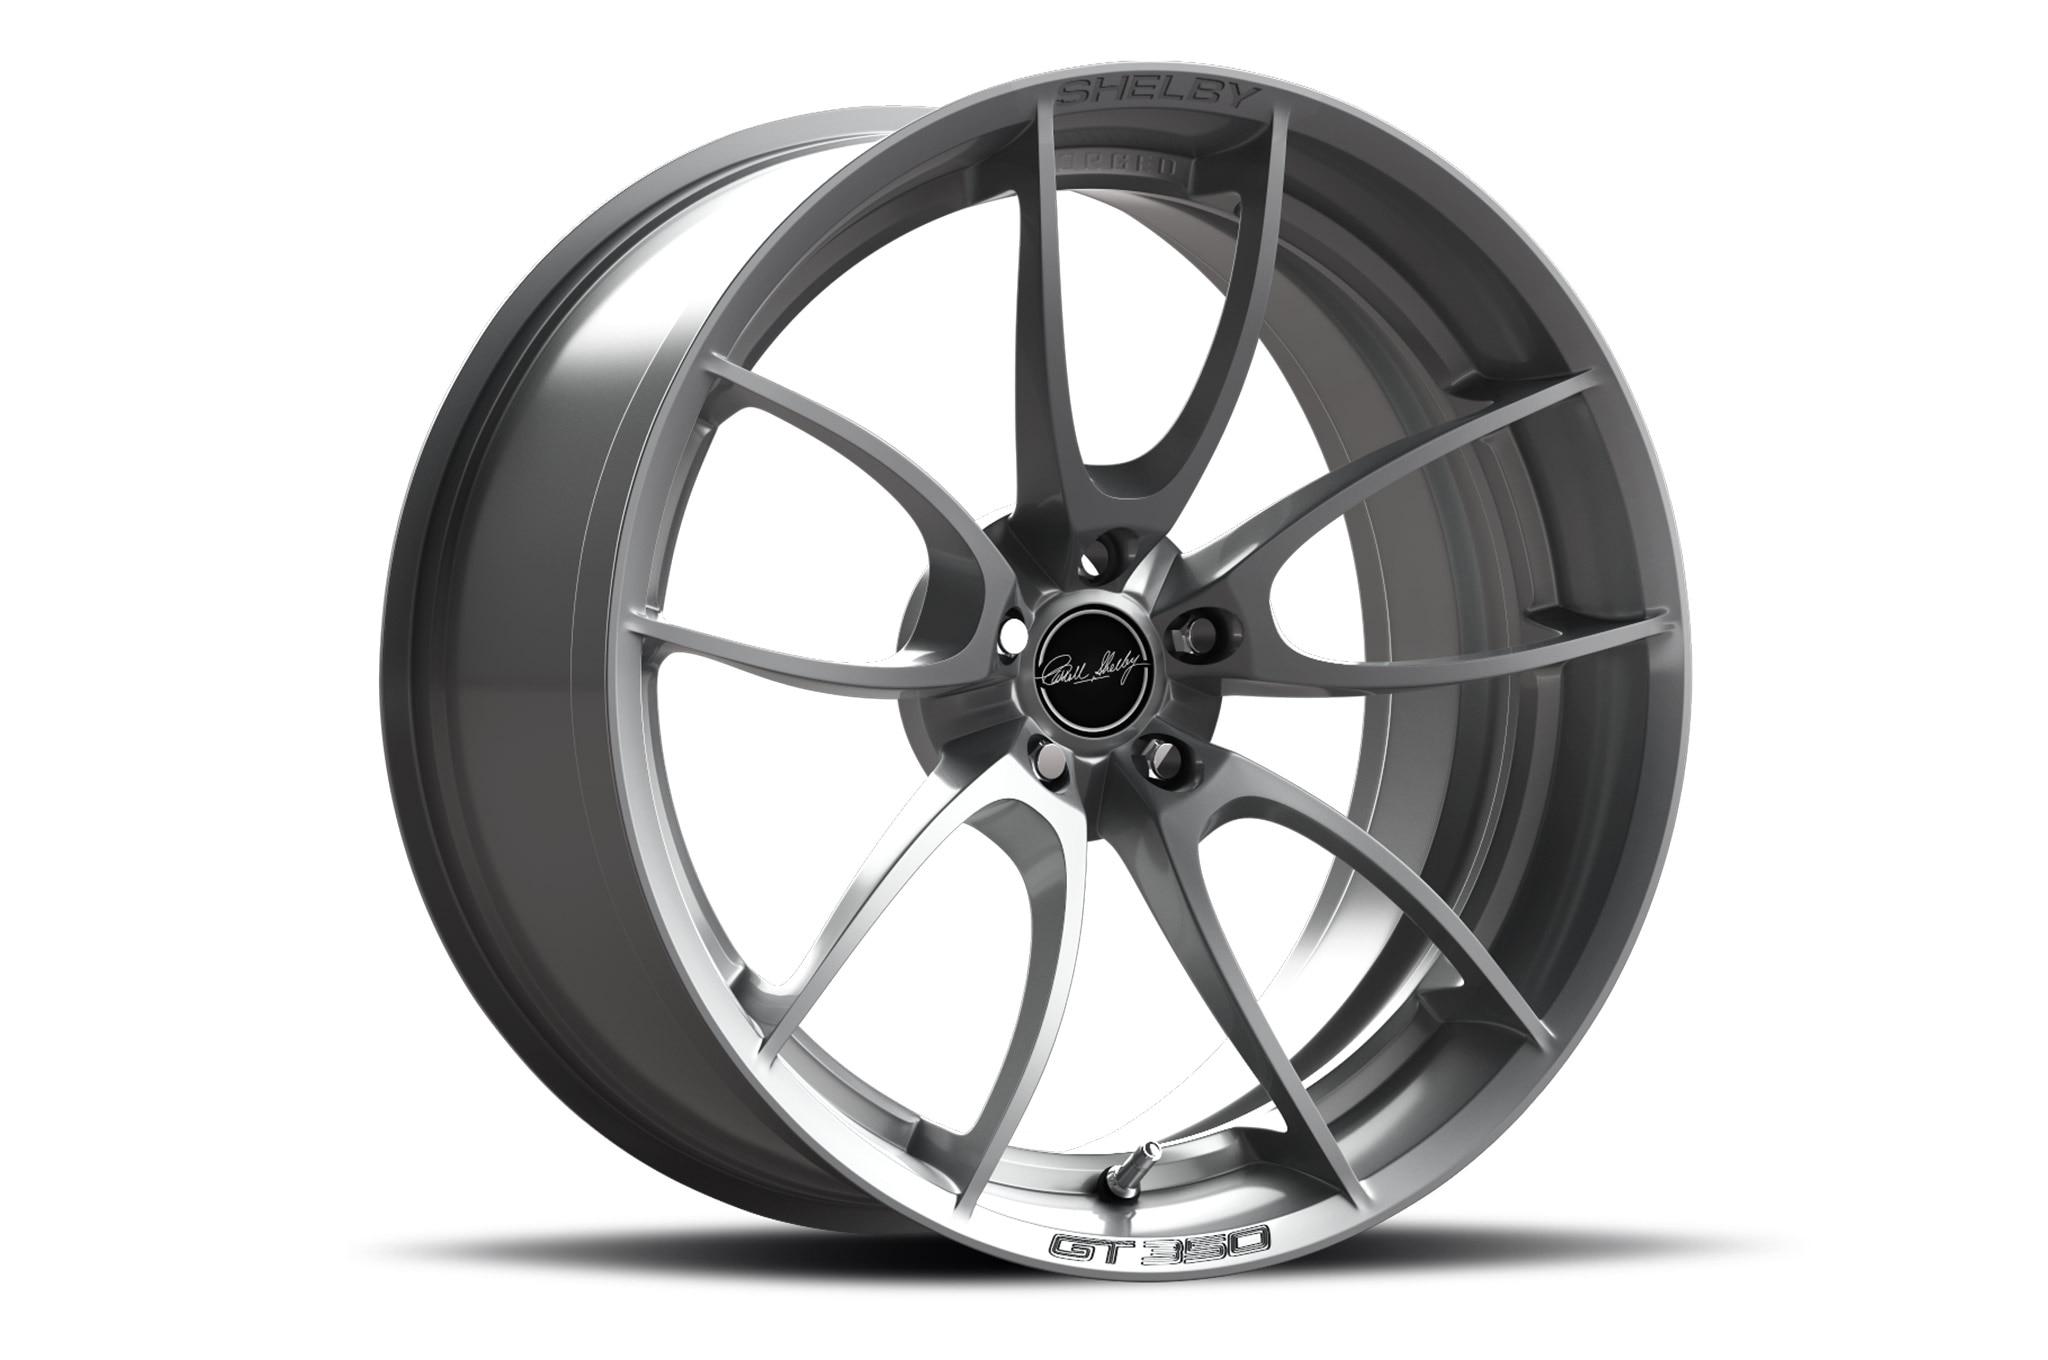 Carroll Shelby Wheel Company CS21 Angled